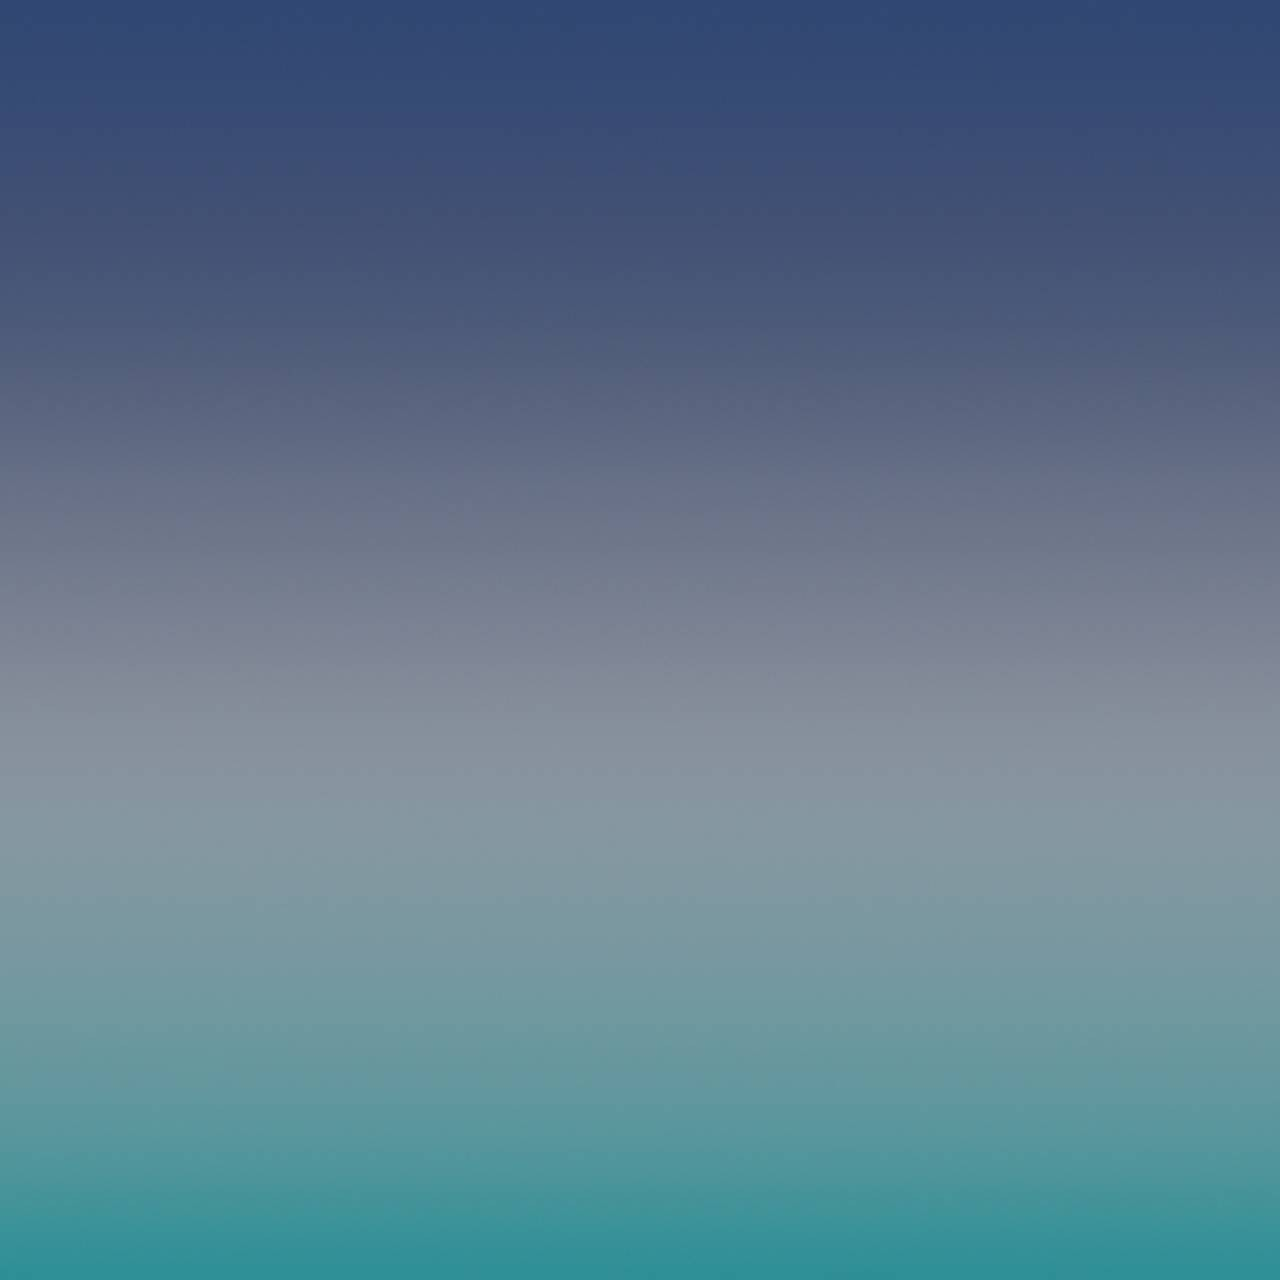 عکس زمینه سبز آبی Note9 پس زمینه